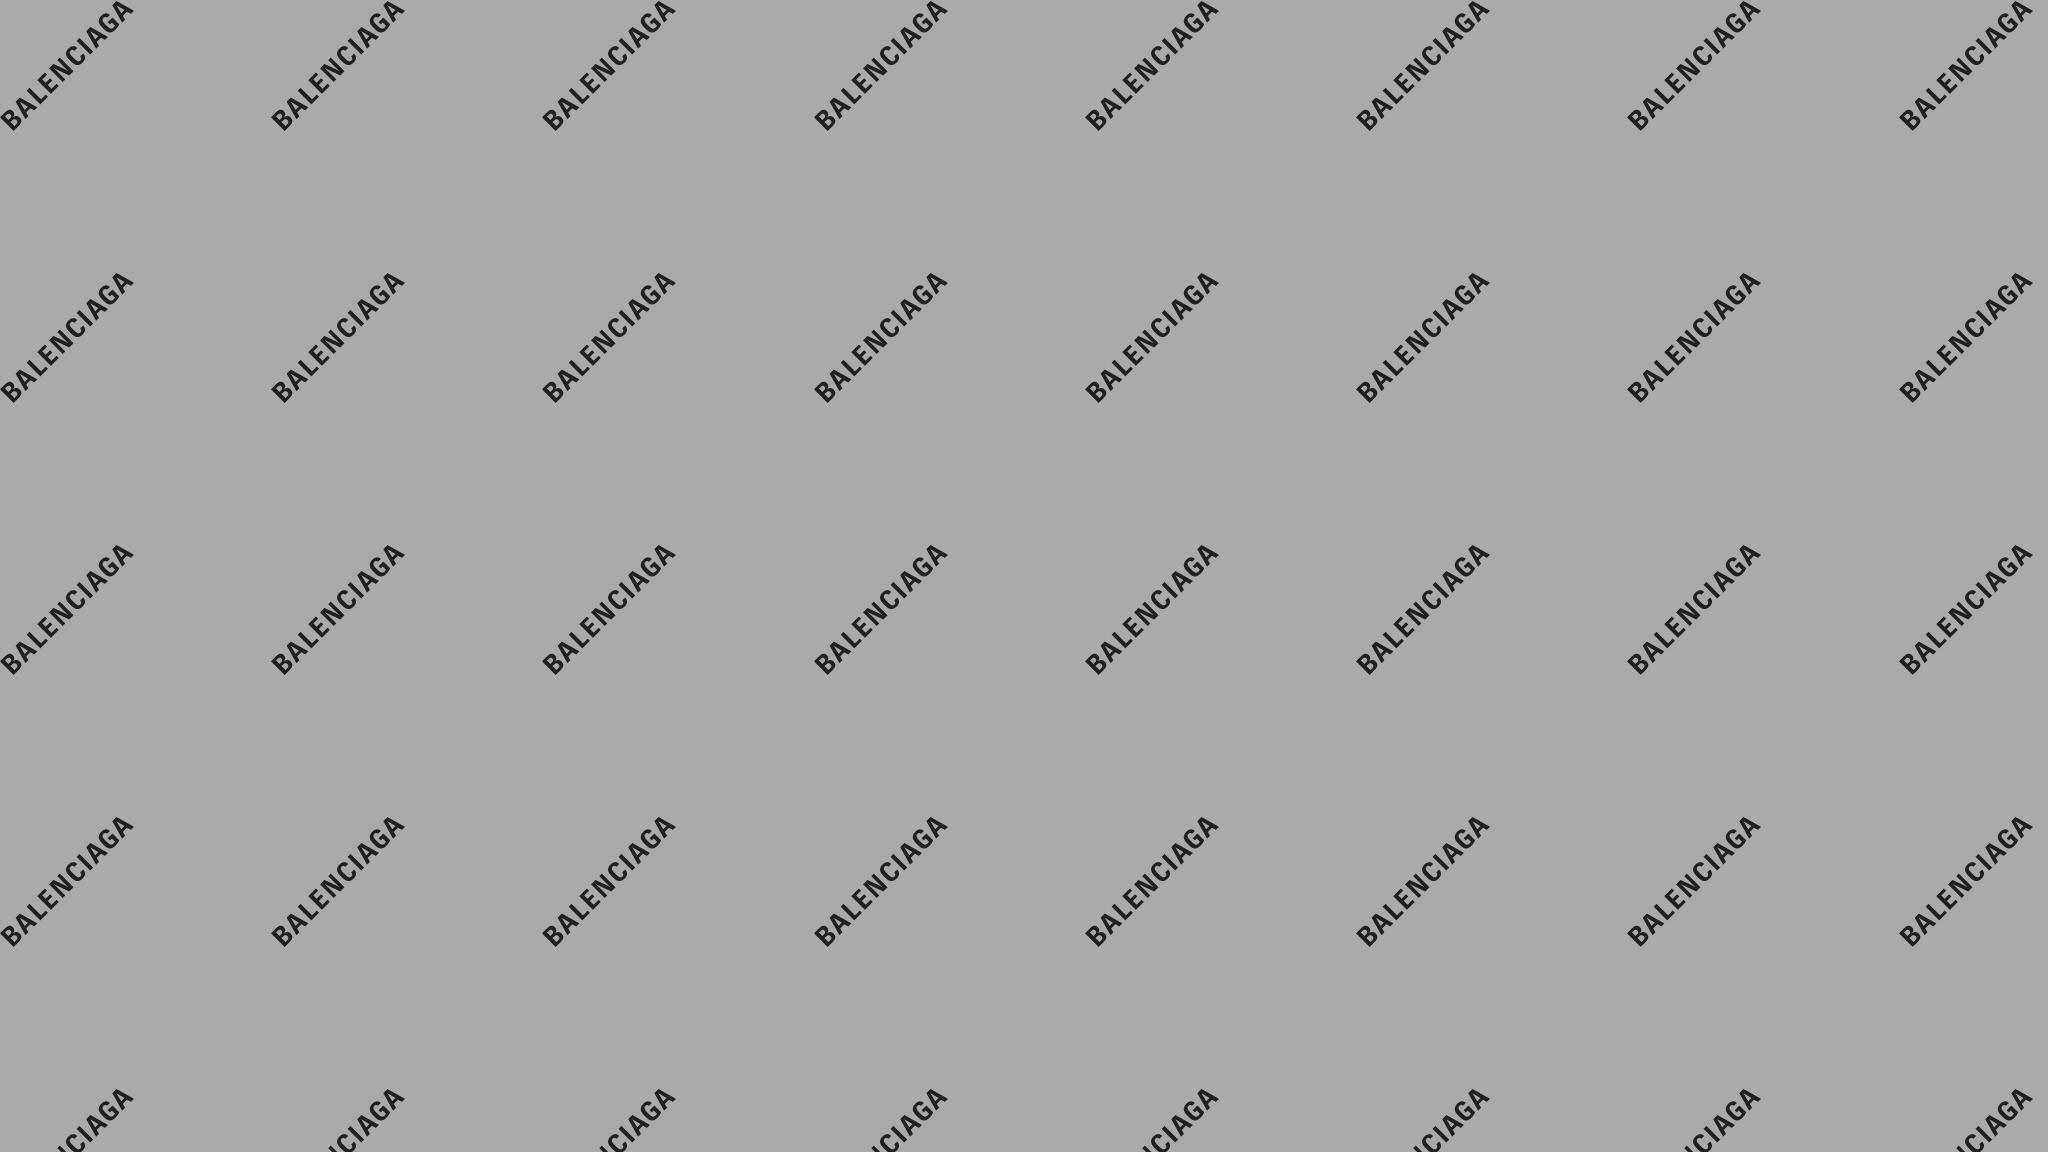 Balenciaga Fond D Ecran 2048x1152 Download Hd Wallpaper Wallpapertip